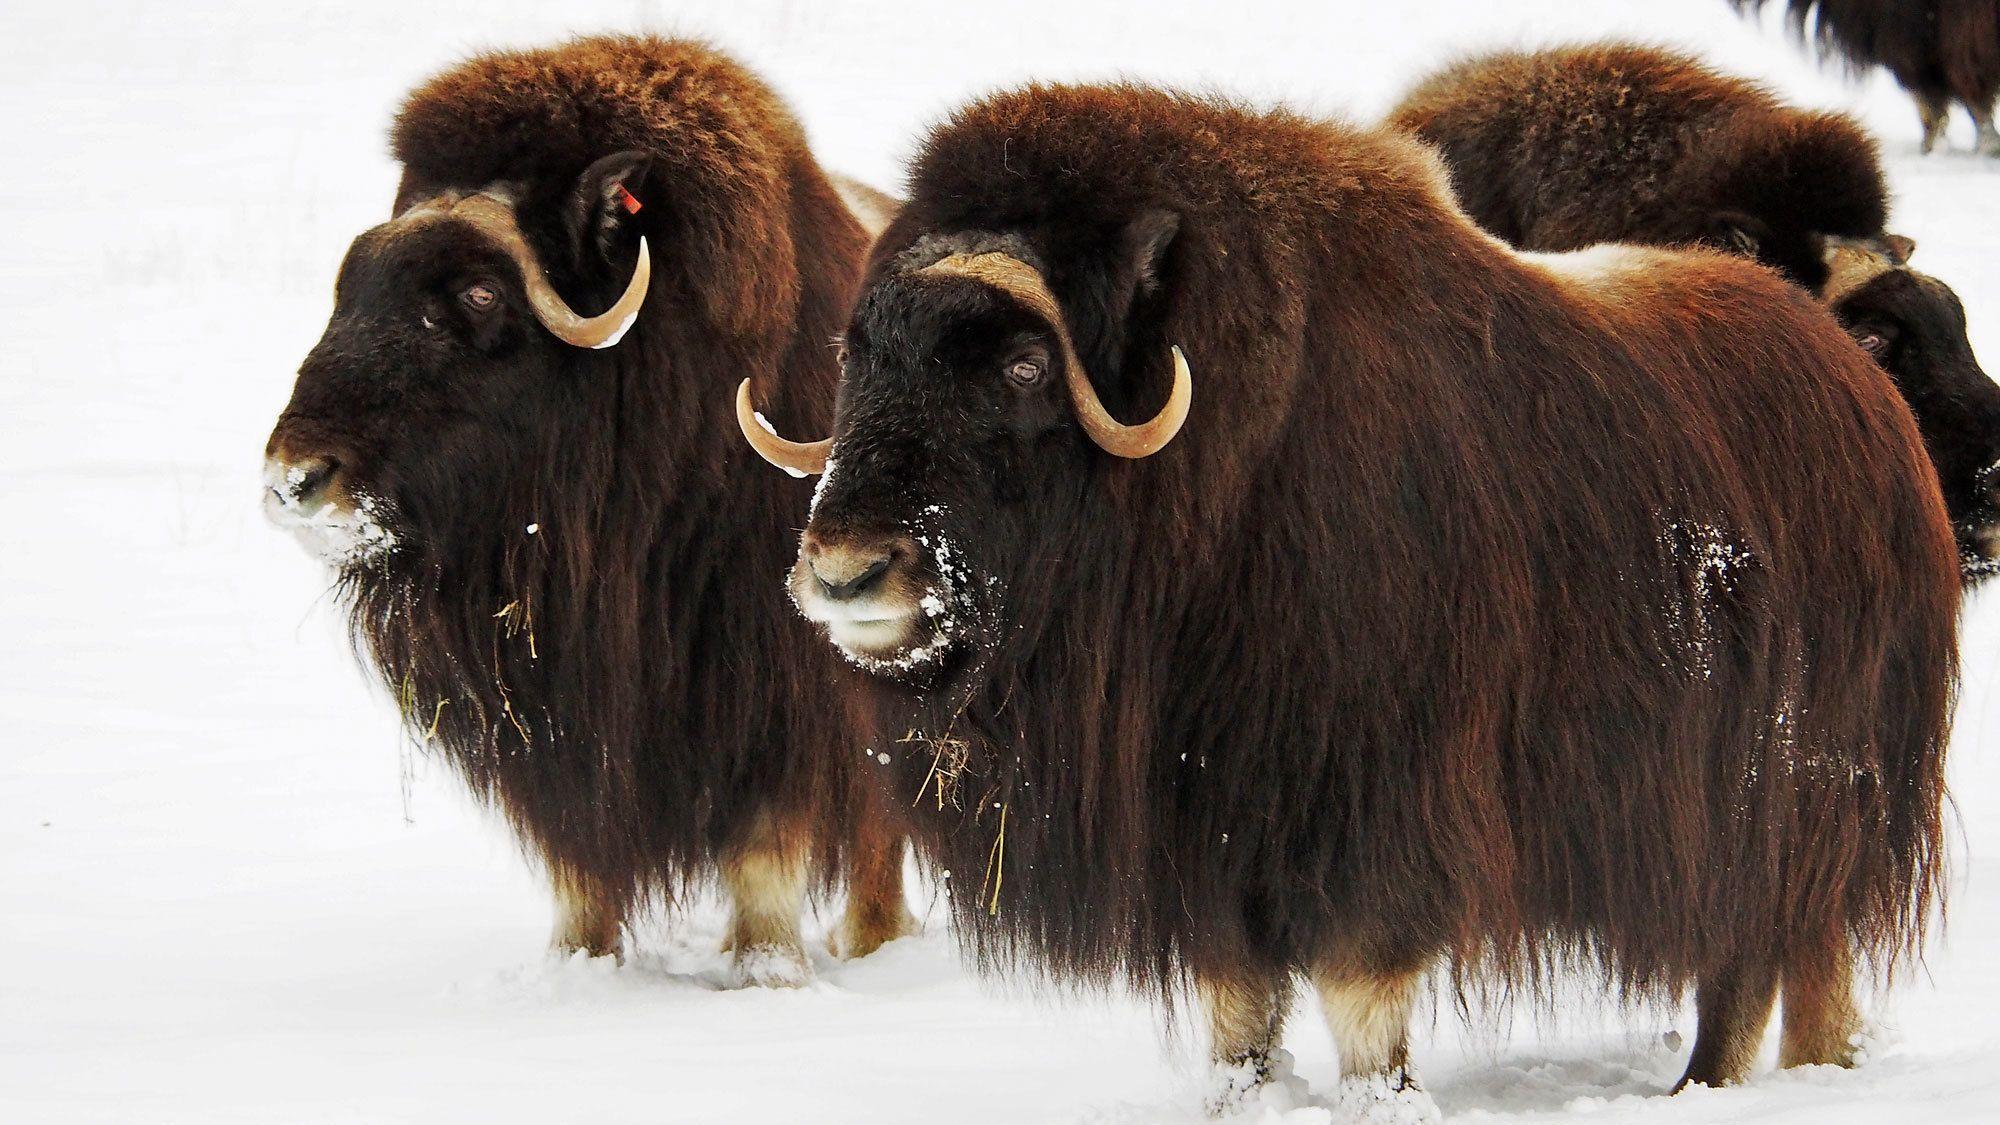 yaks in snowy landscape